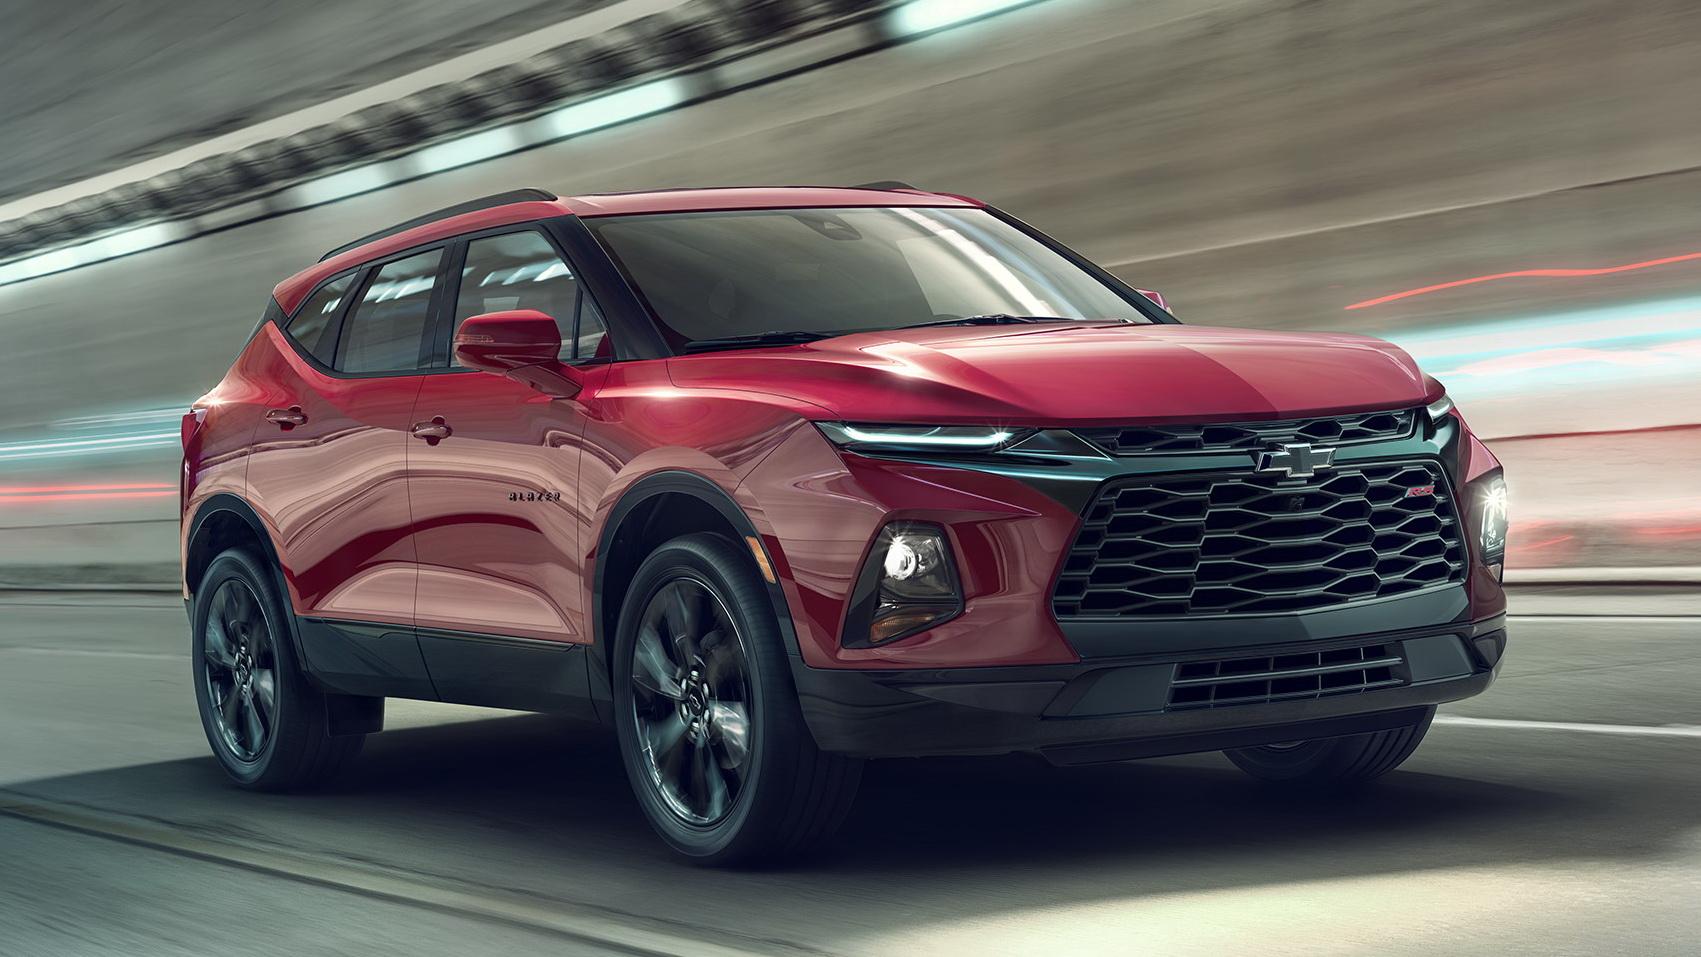 Νέο Chevrolet Blazer: Νέος, σπορ προσανατολισμός | Drive